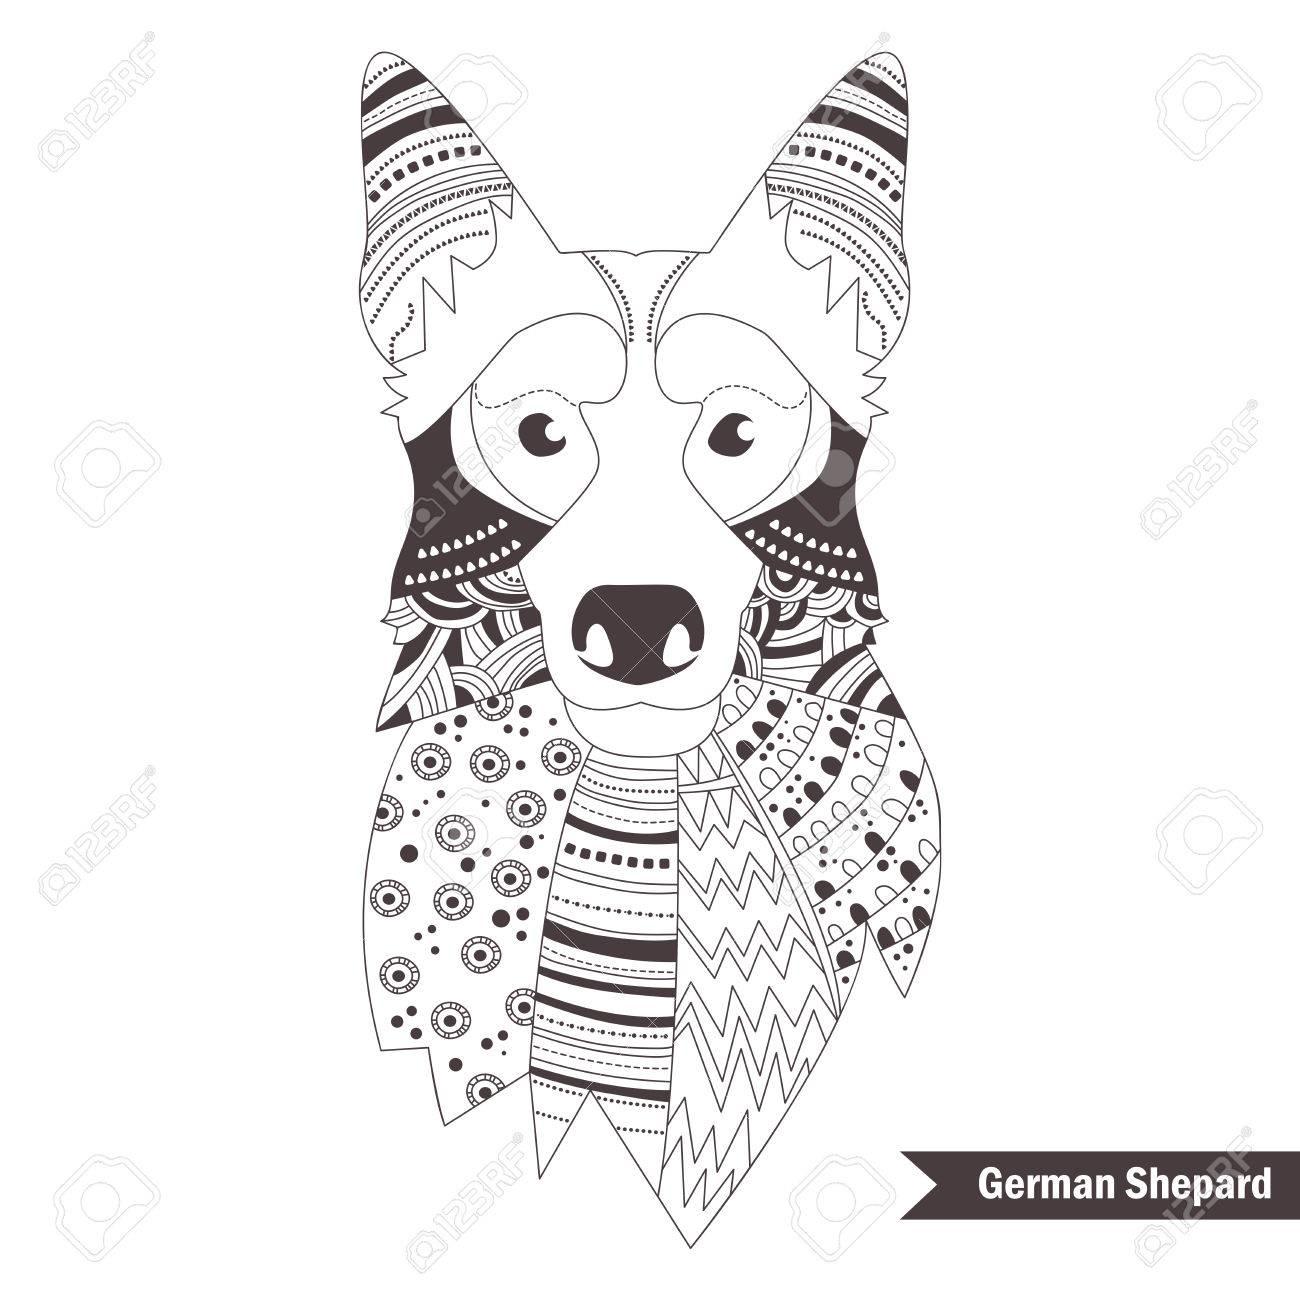 Kleurplaten Voor Volwassenen Giraf.Duitse Herder Kleurboek Voor Volwassen Antistress Kleurplaten